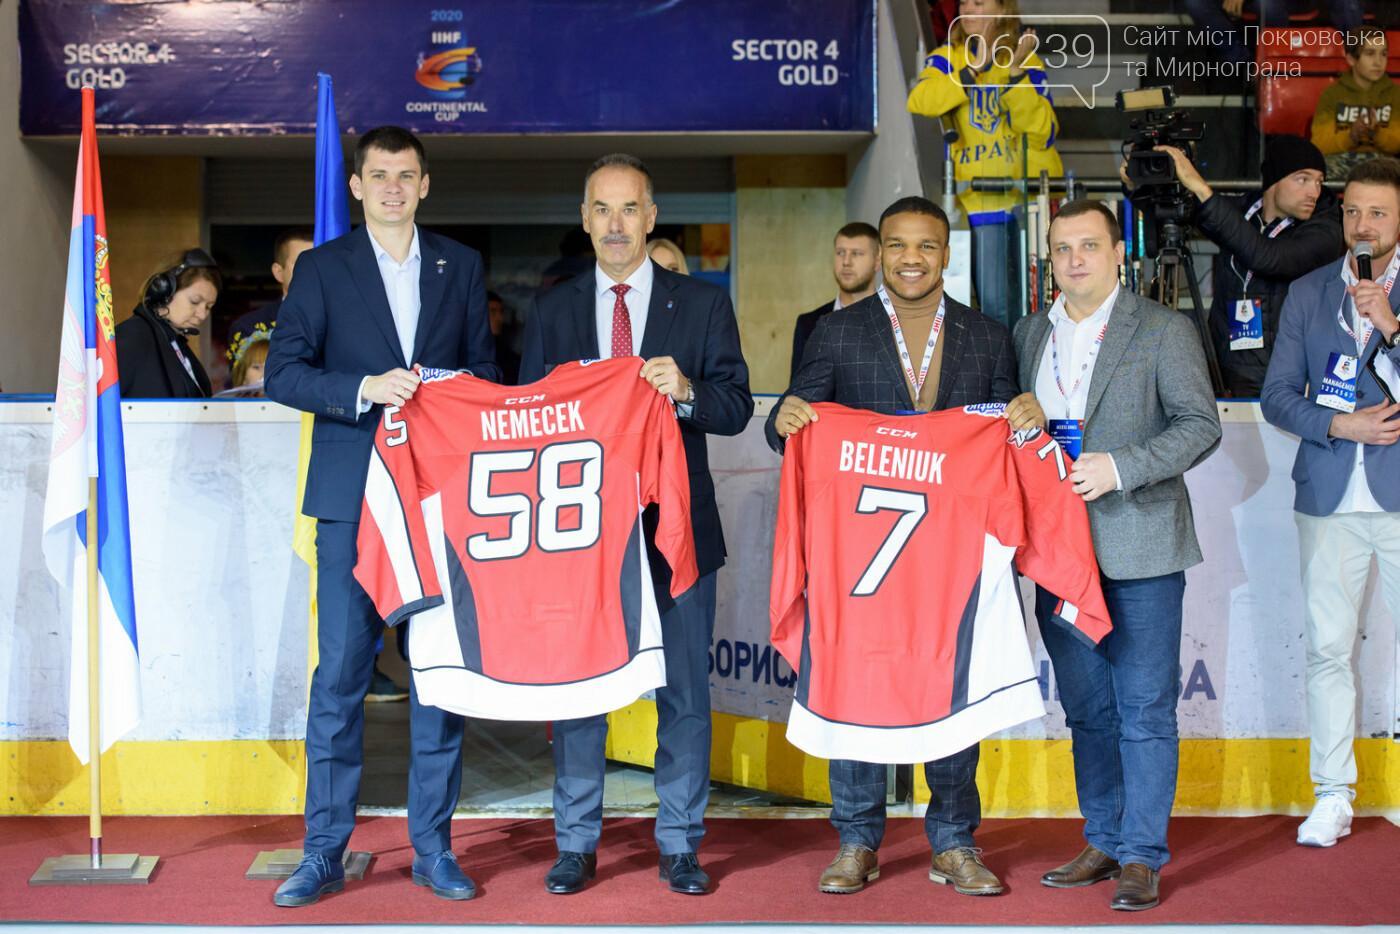 ХК «Донбасс» - победитель второго раунда Континентального кубка! , фото-2